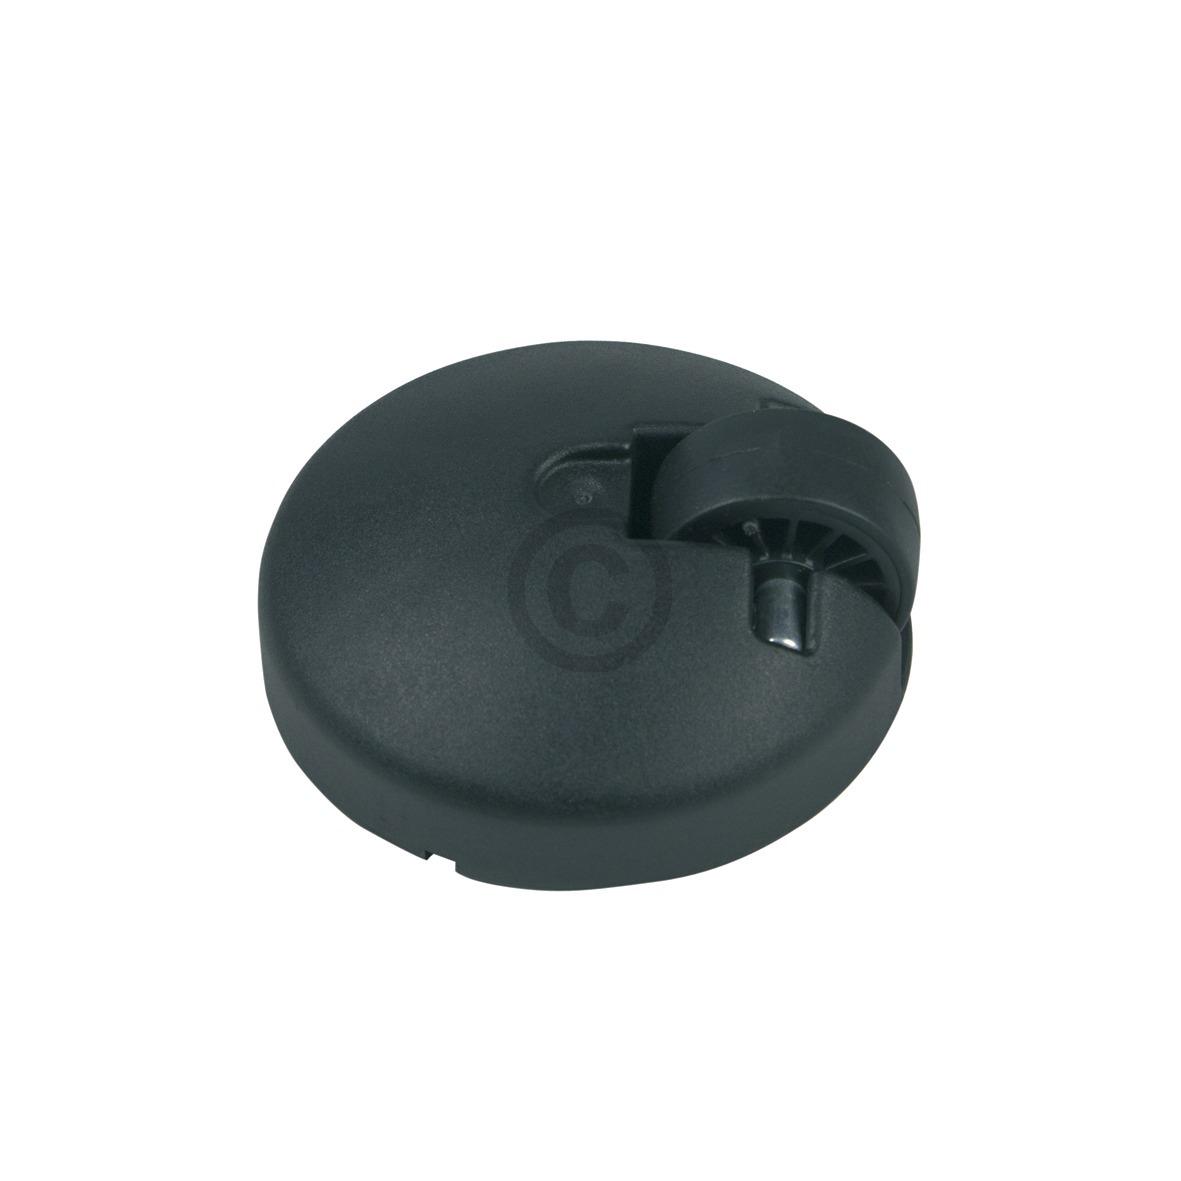 Laufrolle Lenkrolle komplett BOSCH 00188291 für Staubsauger Bosch, Siemens, Neff